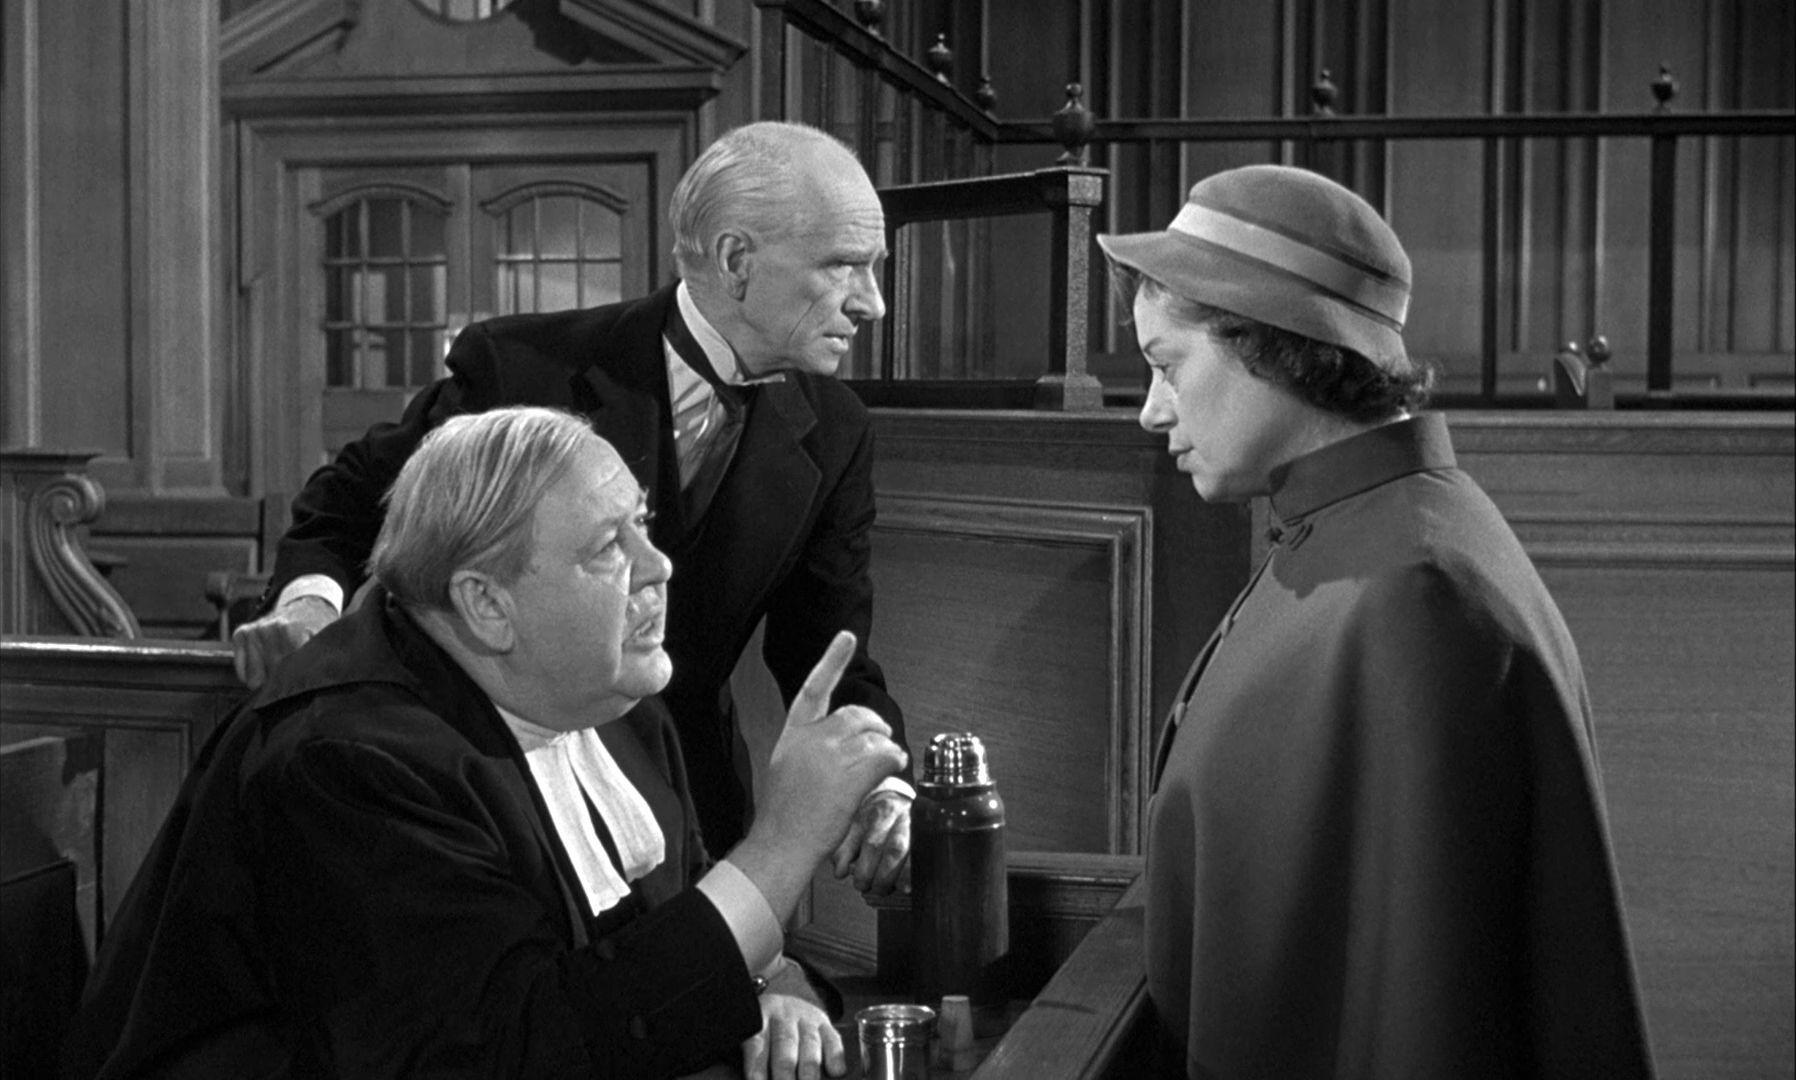 testemunha-de-acusacao-filme-1957